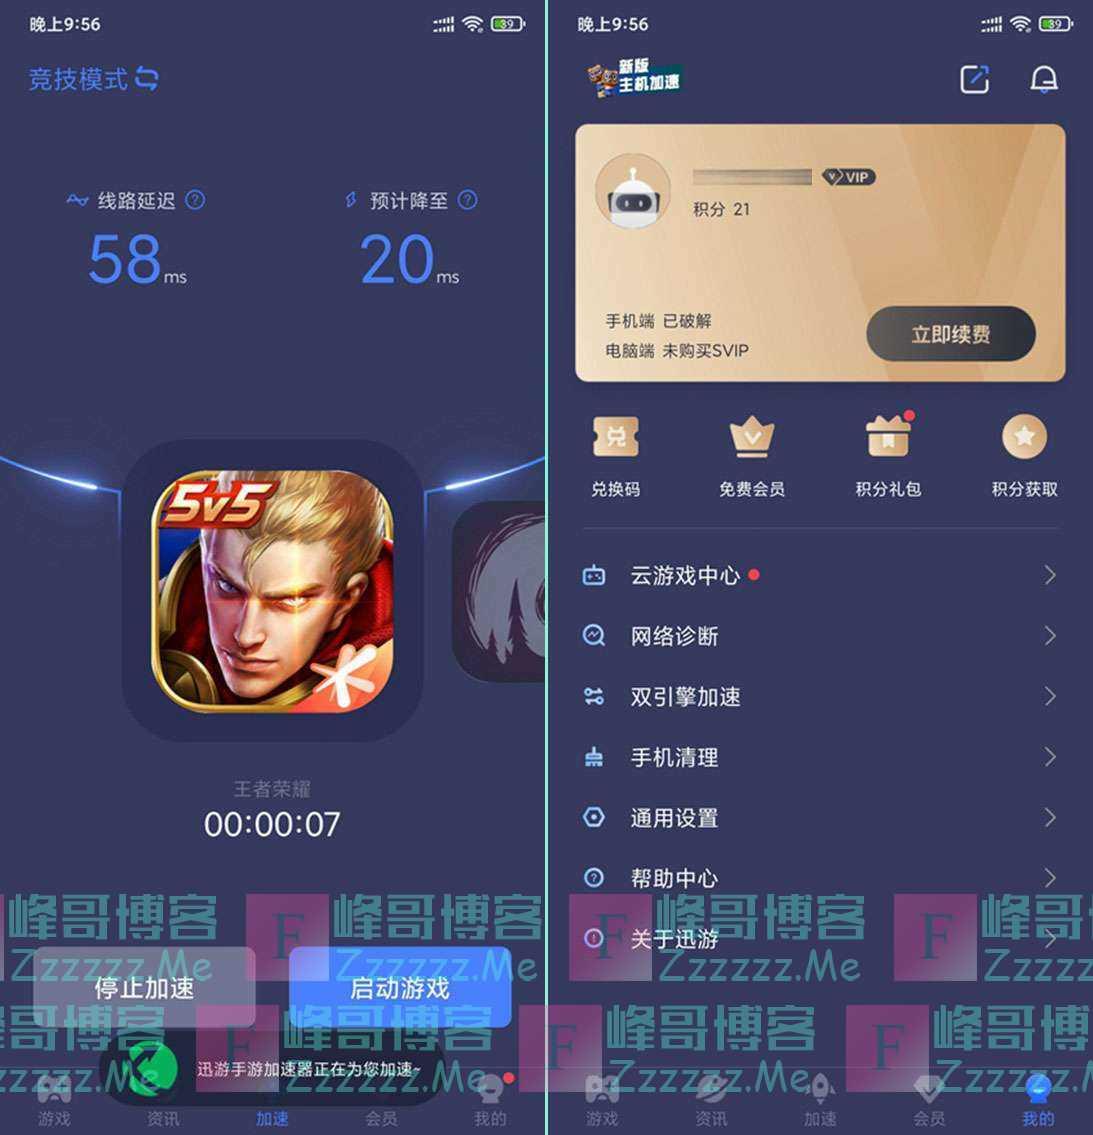 安卓迅游手游加速器V5.2.1.1 迅游手游加速器VIP破解版下载